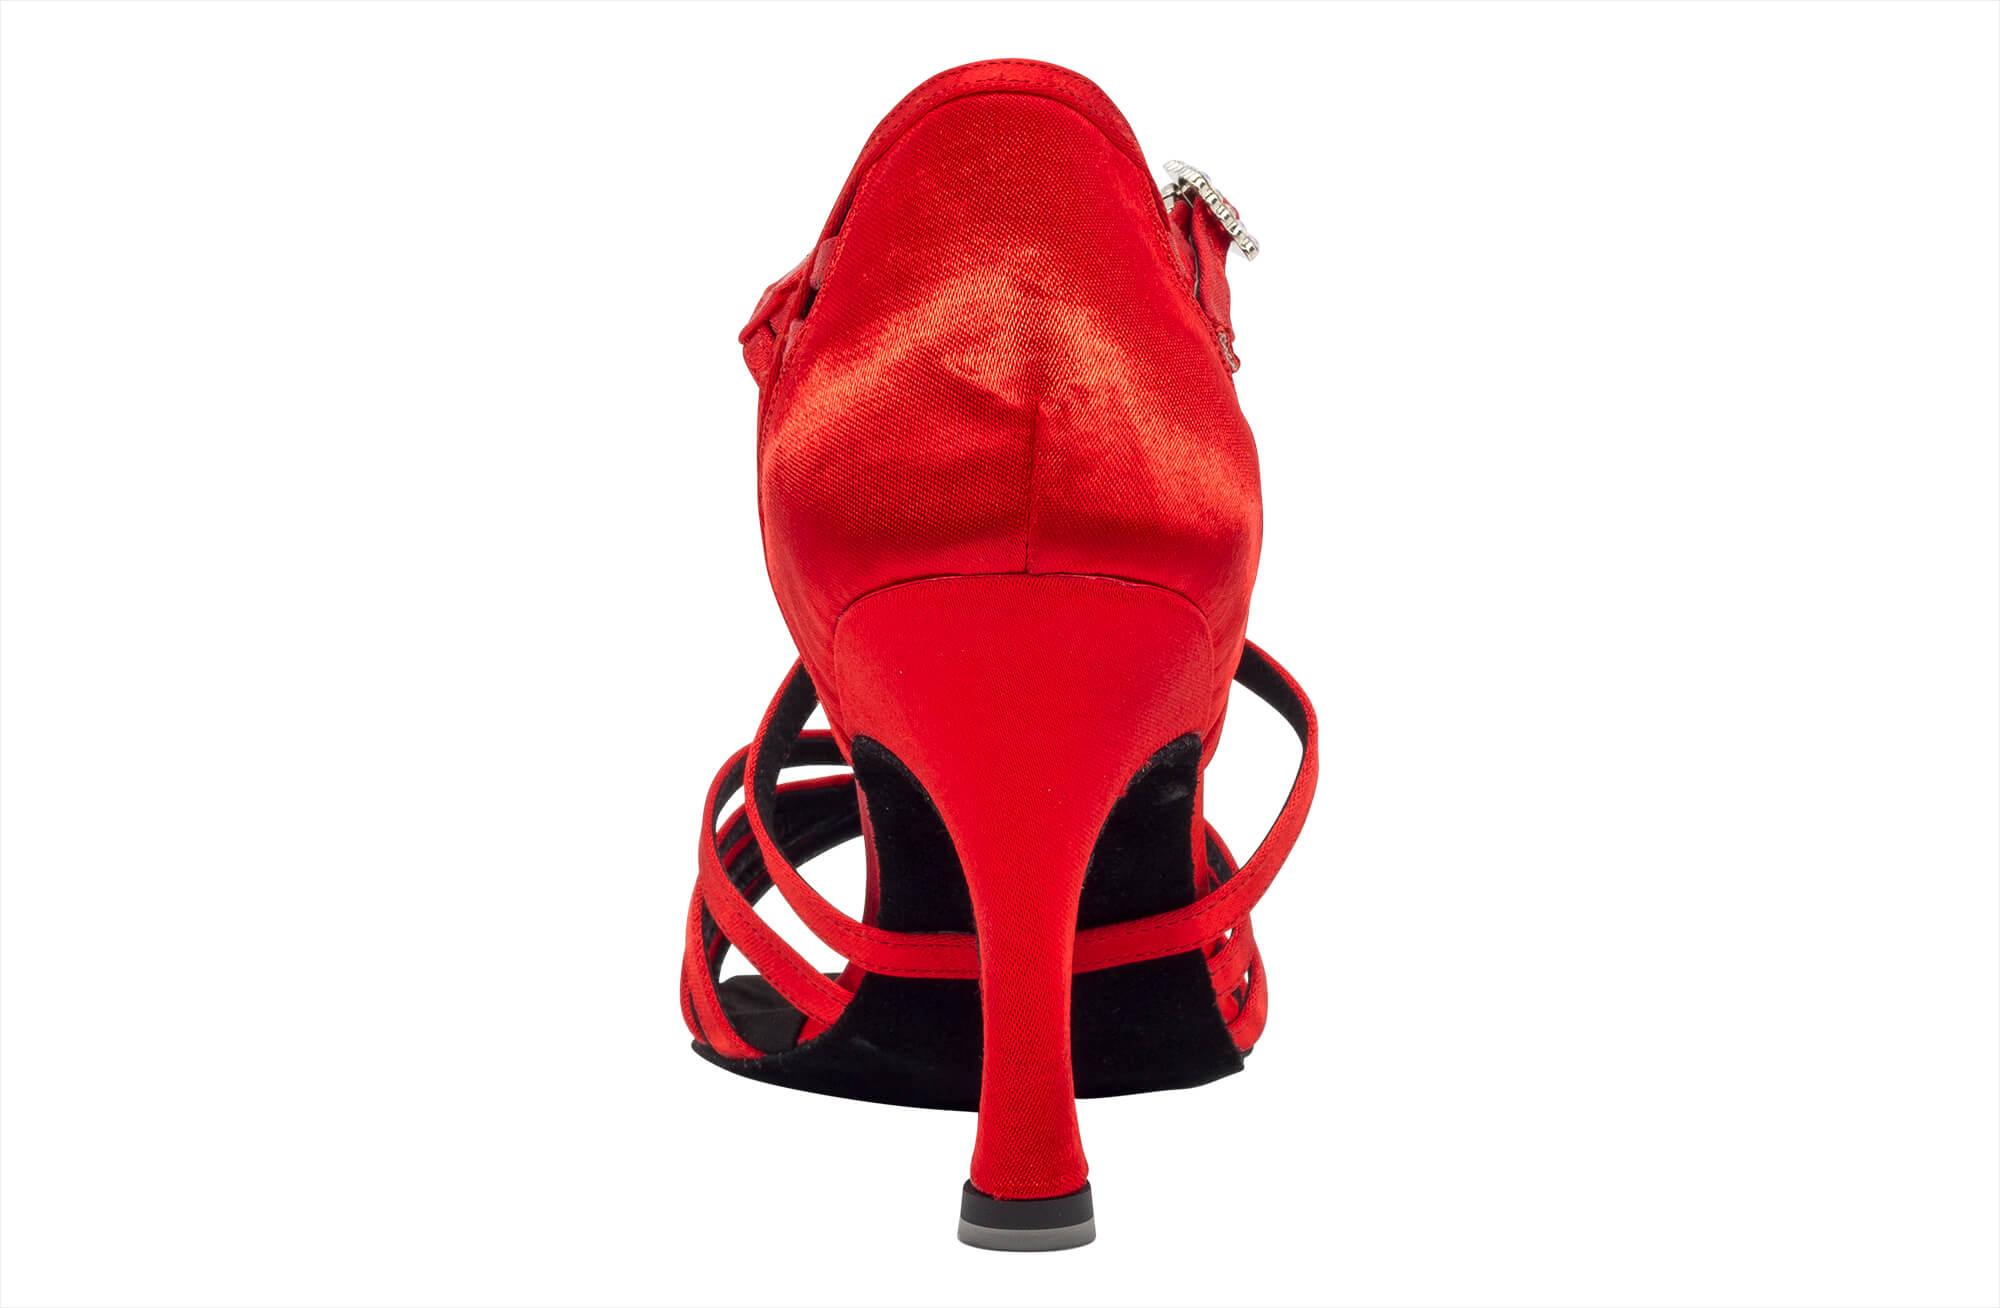 Scarpa Da Ballo In Raso Rosso Cipria 5 Fasce Tacco Cm 8 Back